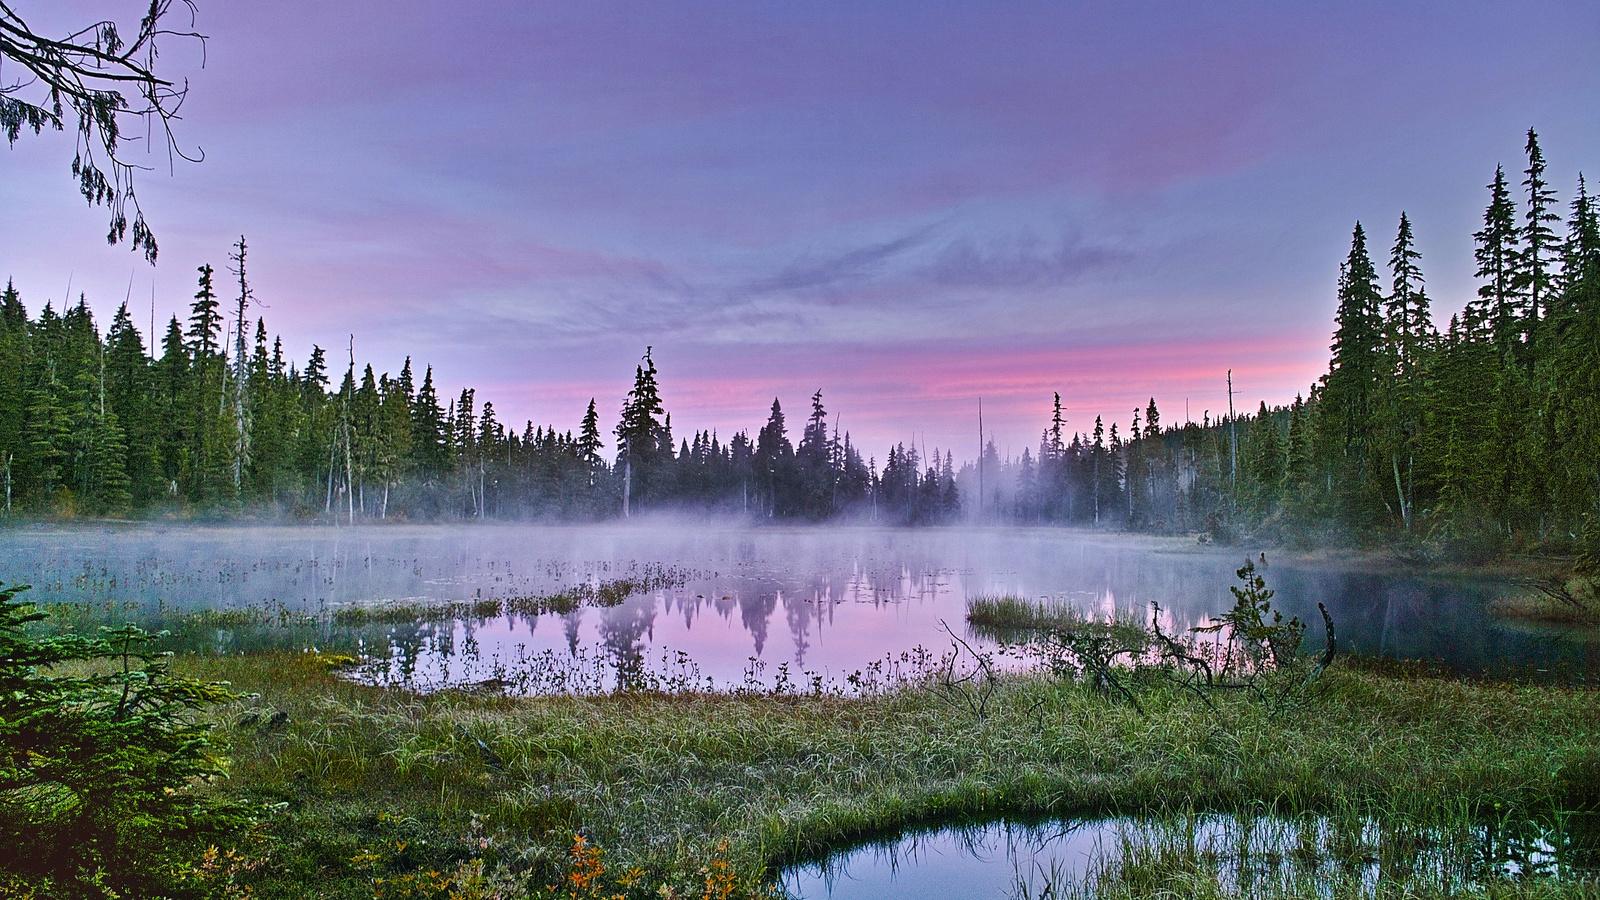 природа, пейзаж, лето, рассвет, деревья, леса, травы, болото, туман, утро